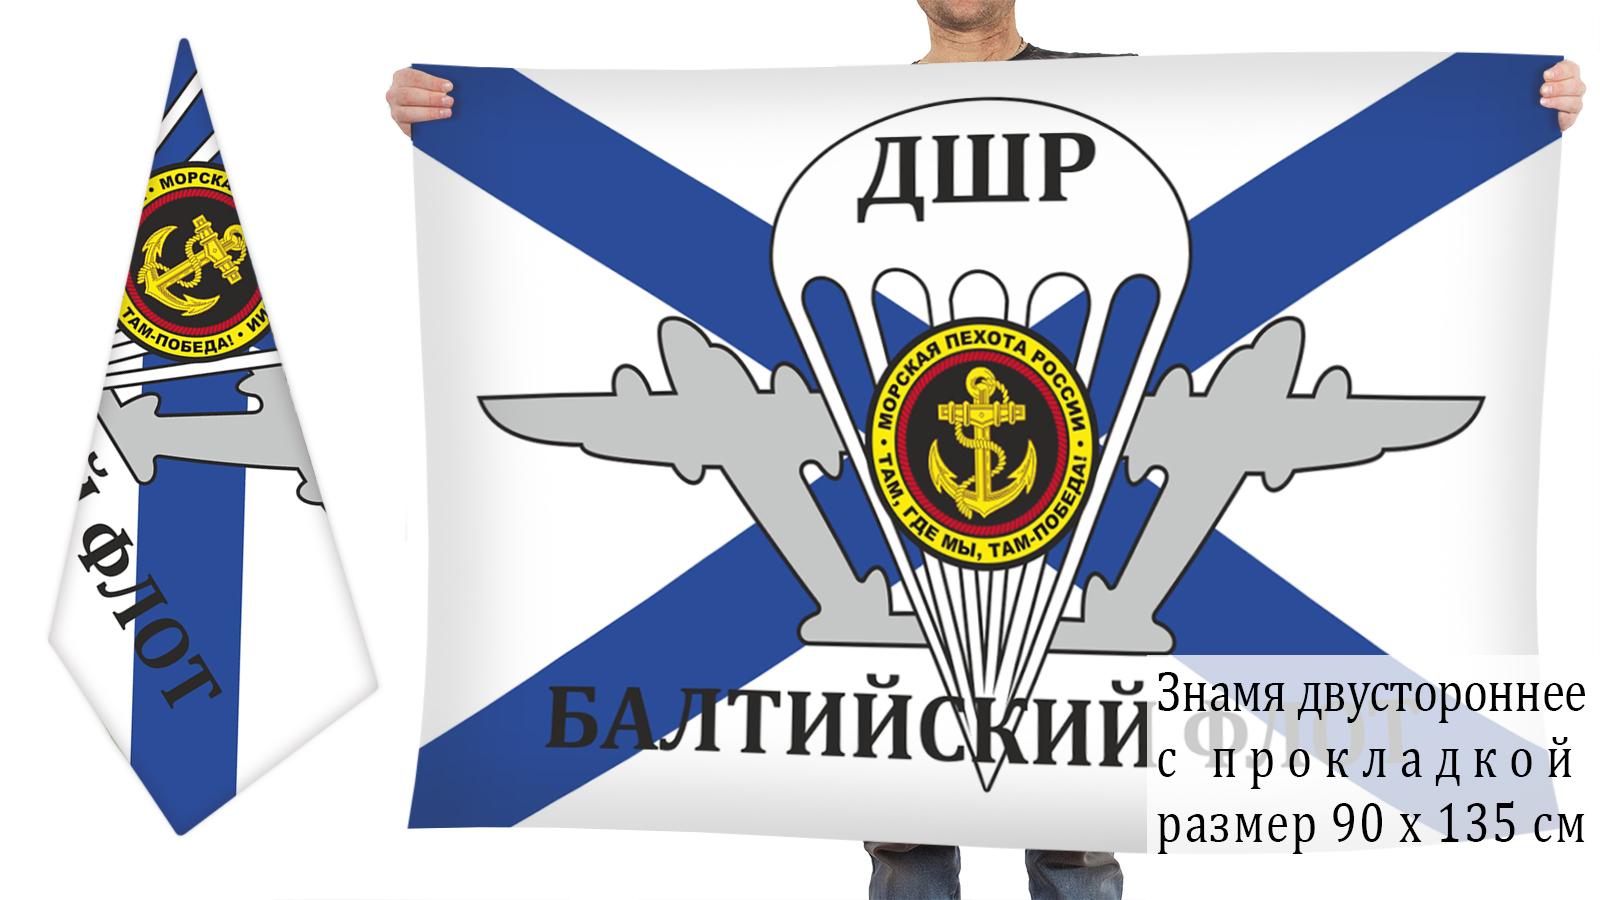 Двусторонний флаг ДШР 336 ОБрМП